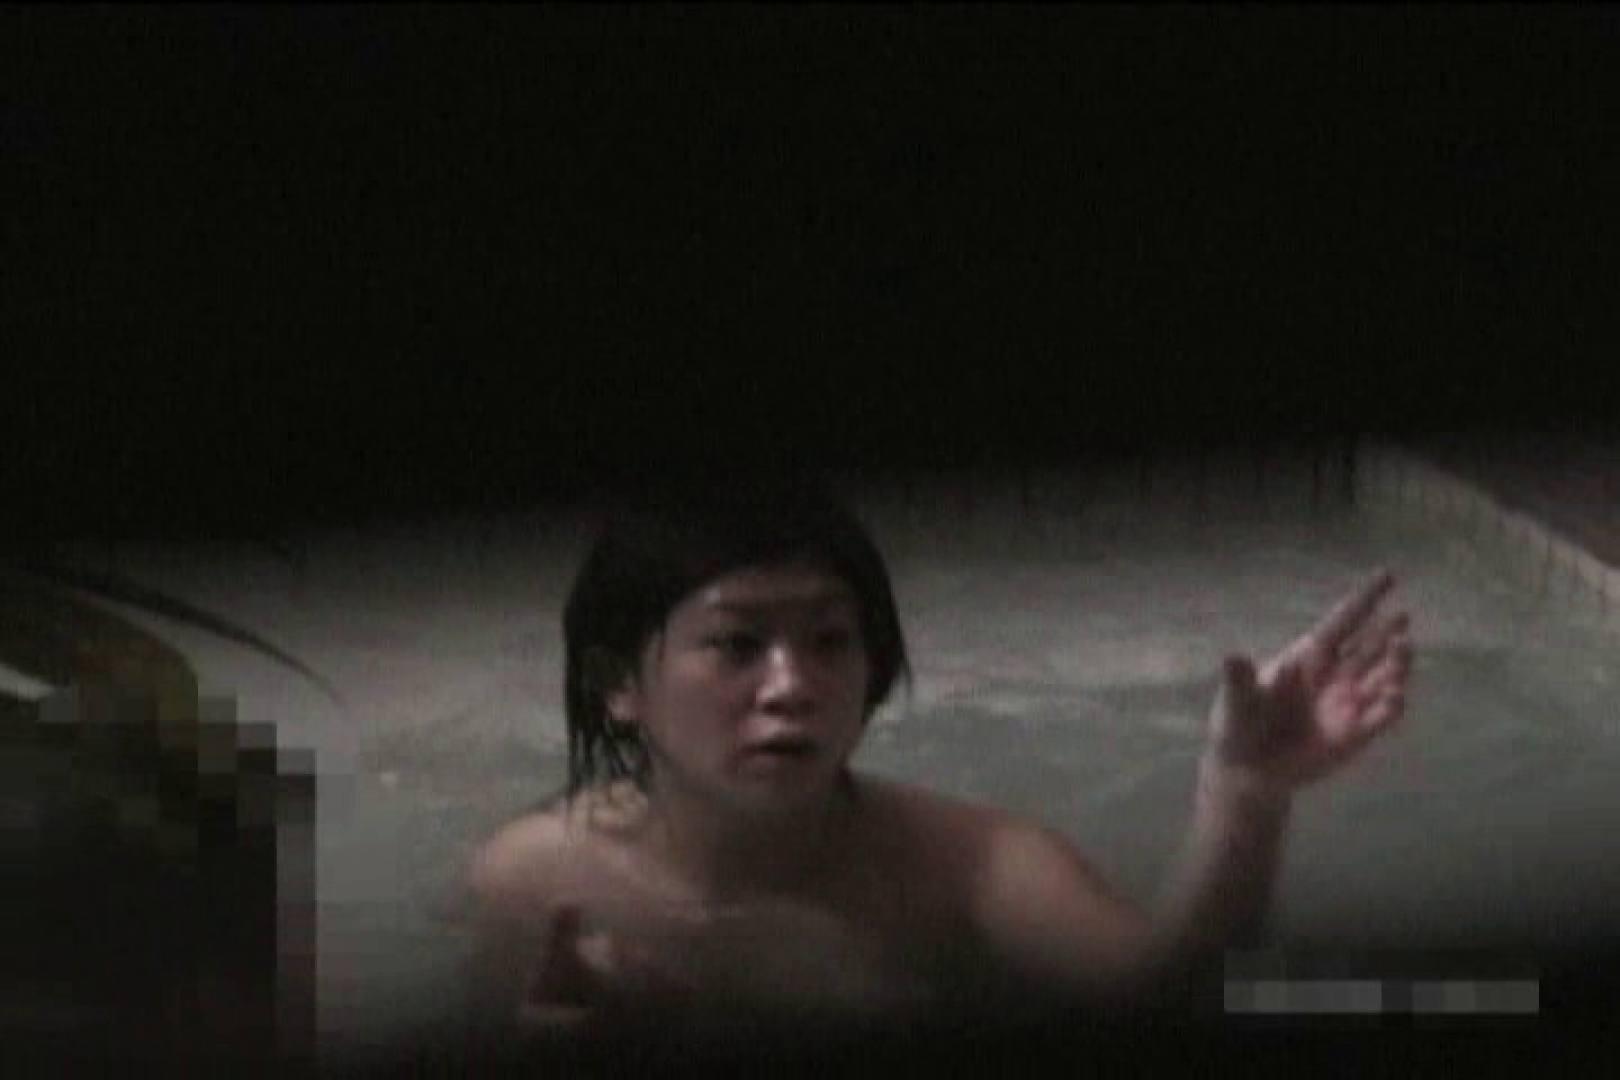 全裸で発情!!家族風呂の実態Vol.1 プライベート | カップル盗撮  57画像 26